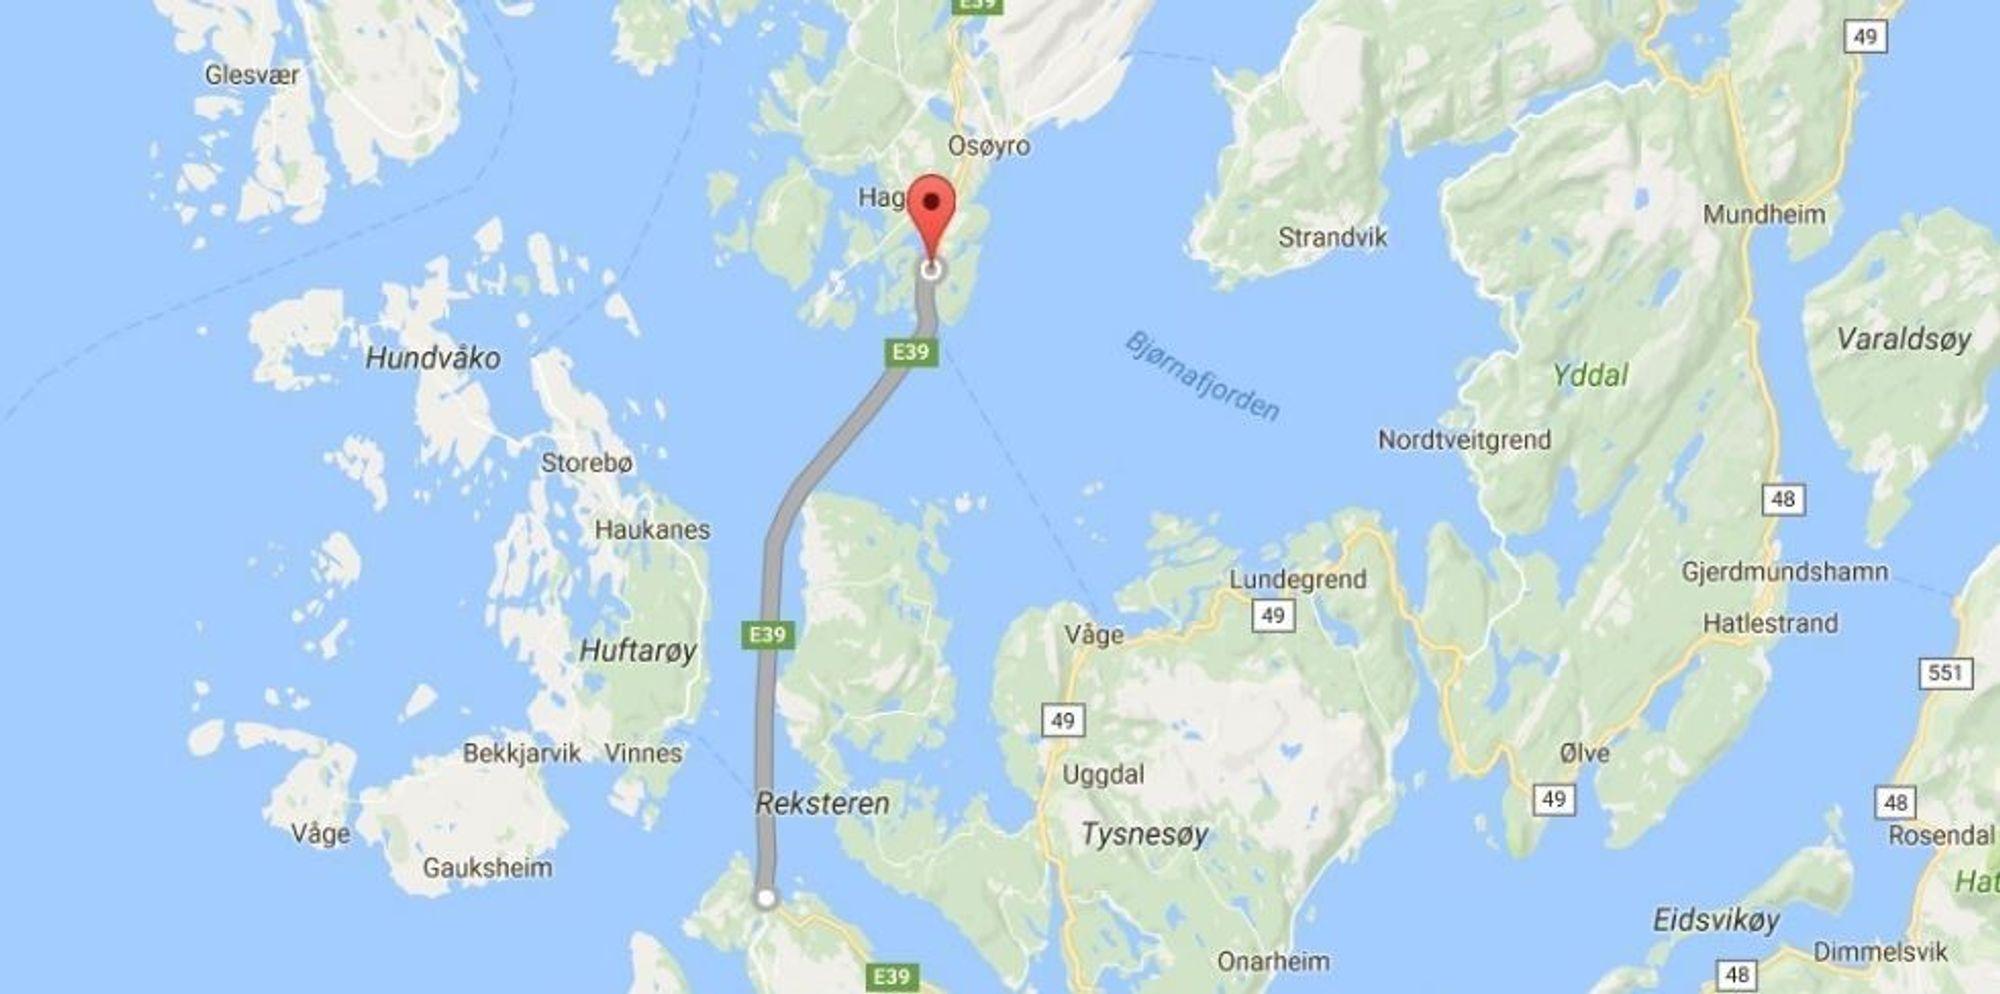 E39 Halhjem - Sandvikvåg. Her skal Torghatten Nord sette inn hybride ferger fra 2019.